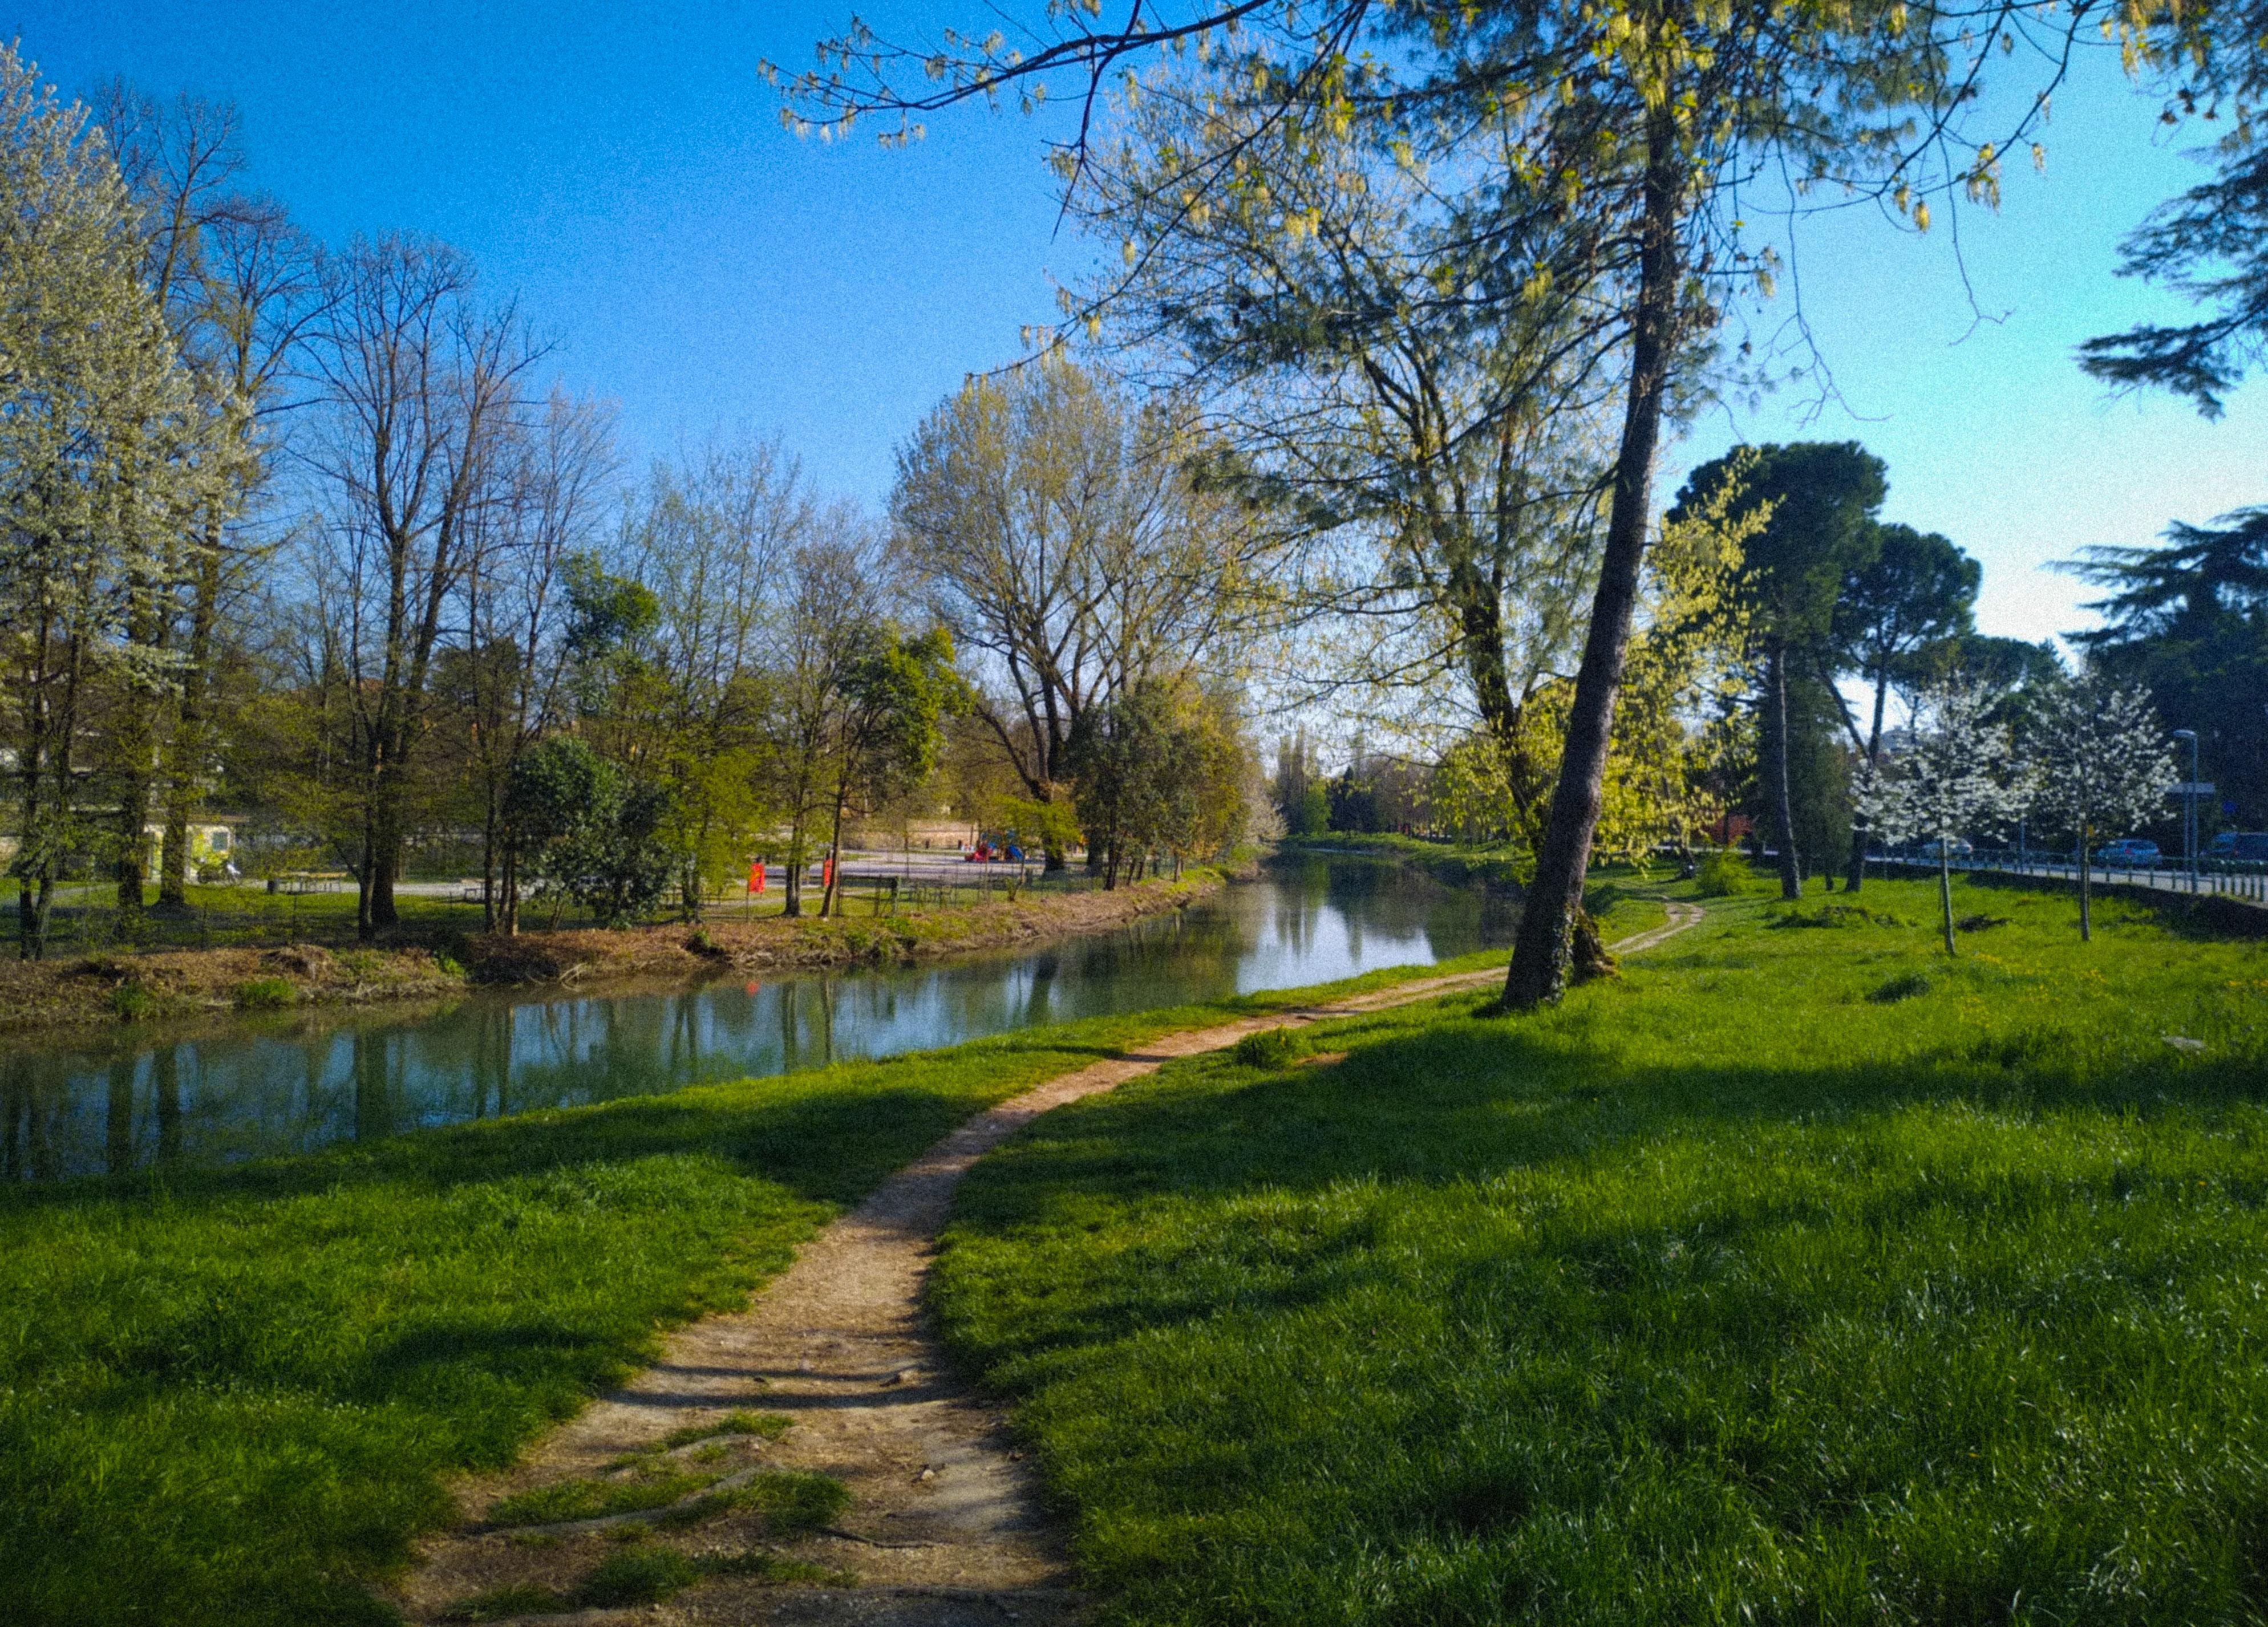 Padova, a parkok városa